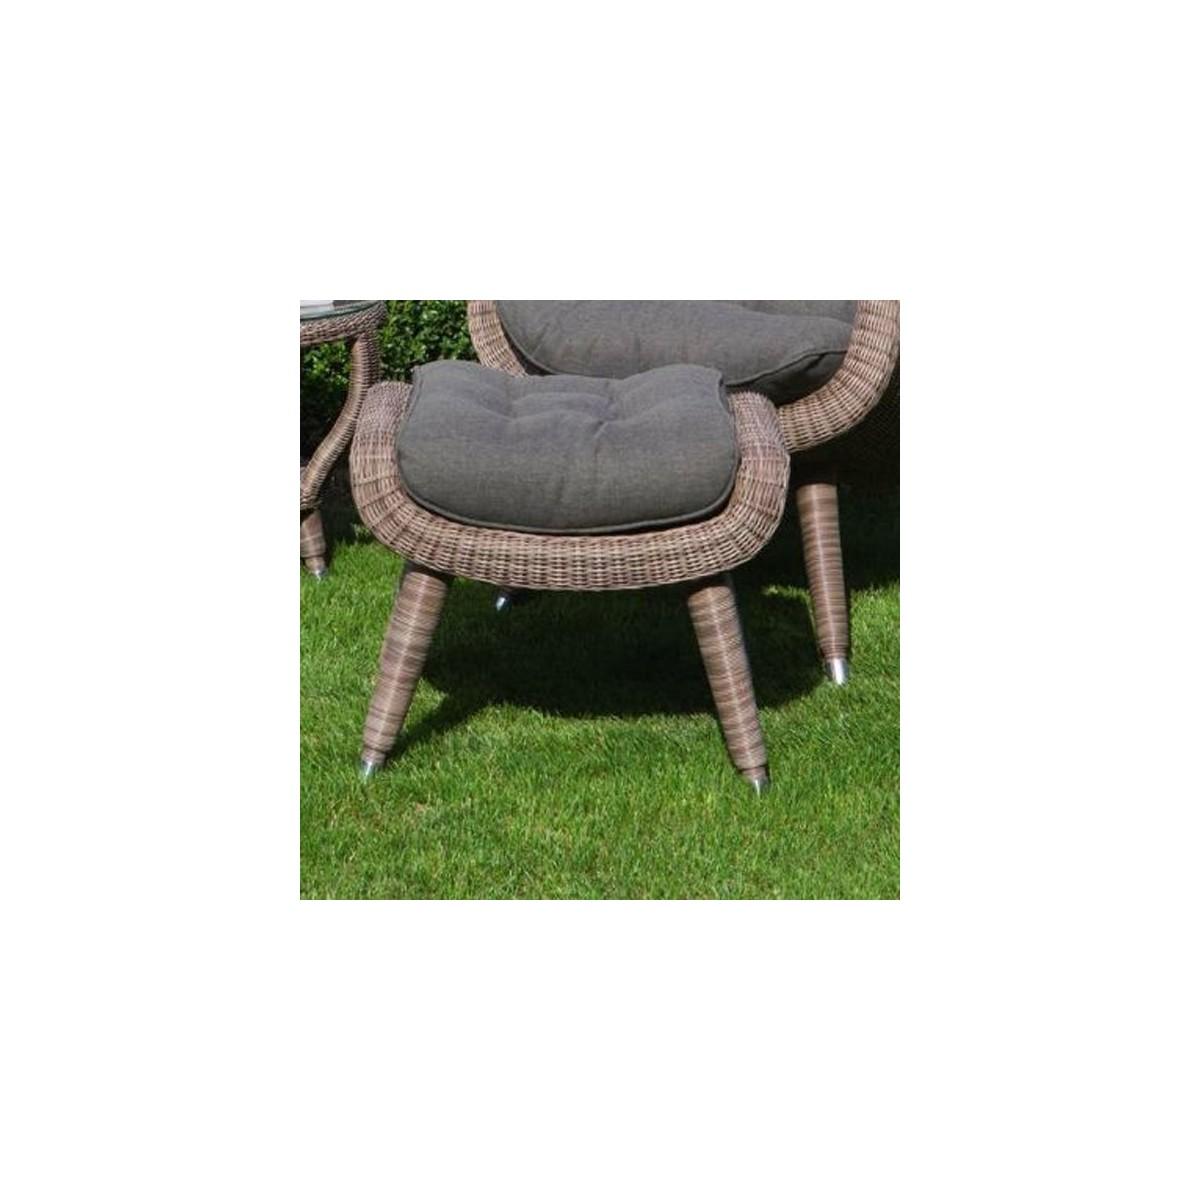 fauteuil en r sine et aluminium sp cial ext rieur coloris gris. Black Bedroom Furniture Sets. Home Design Ideas